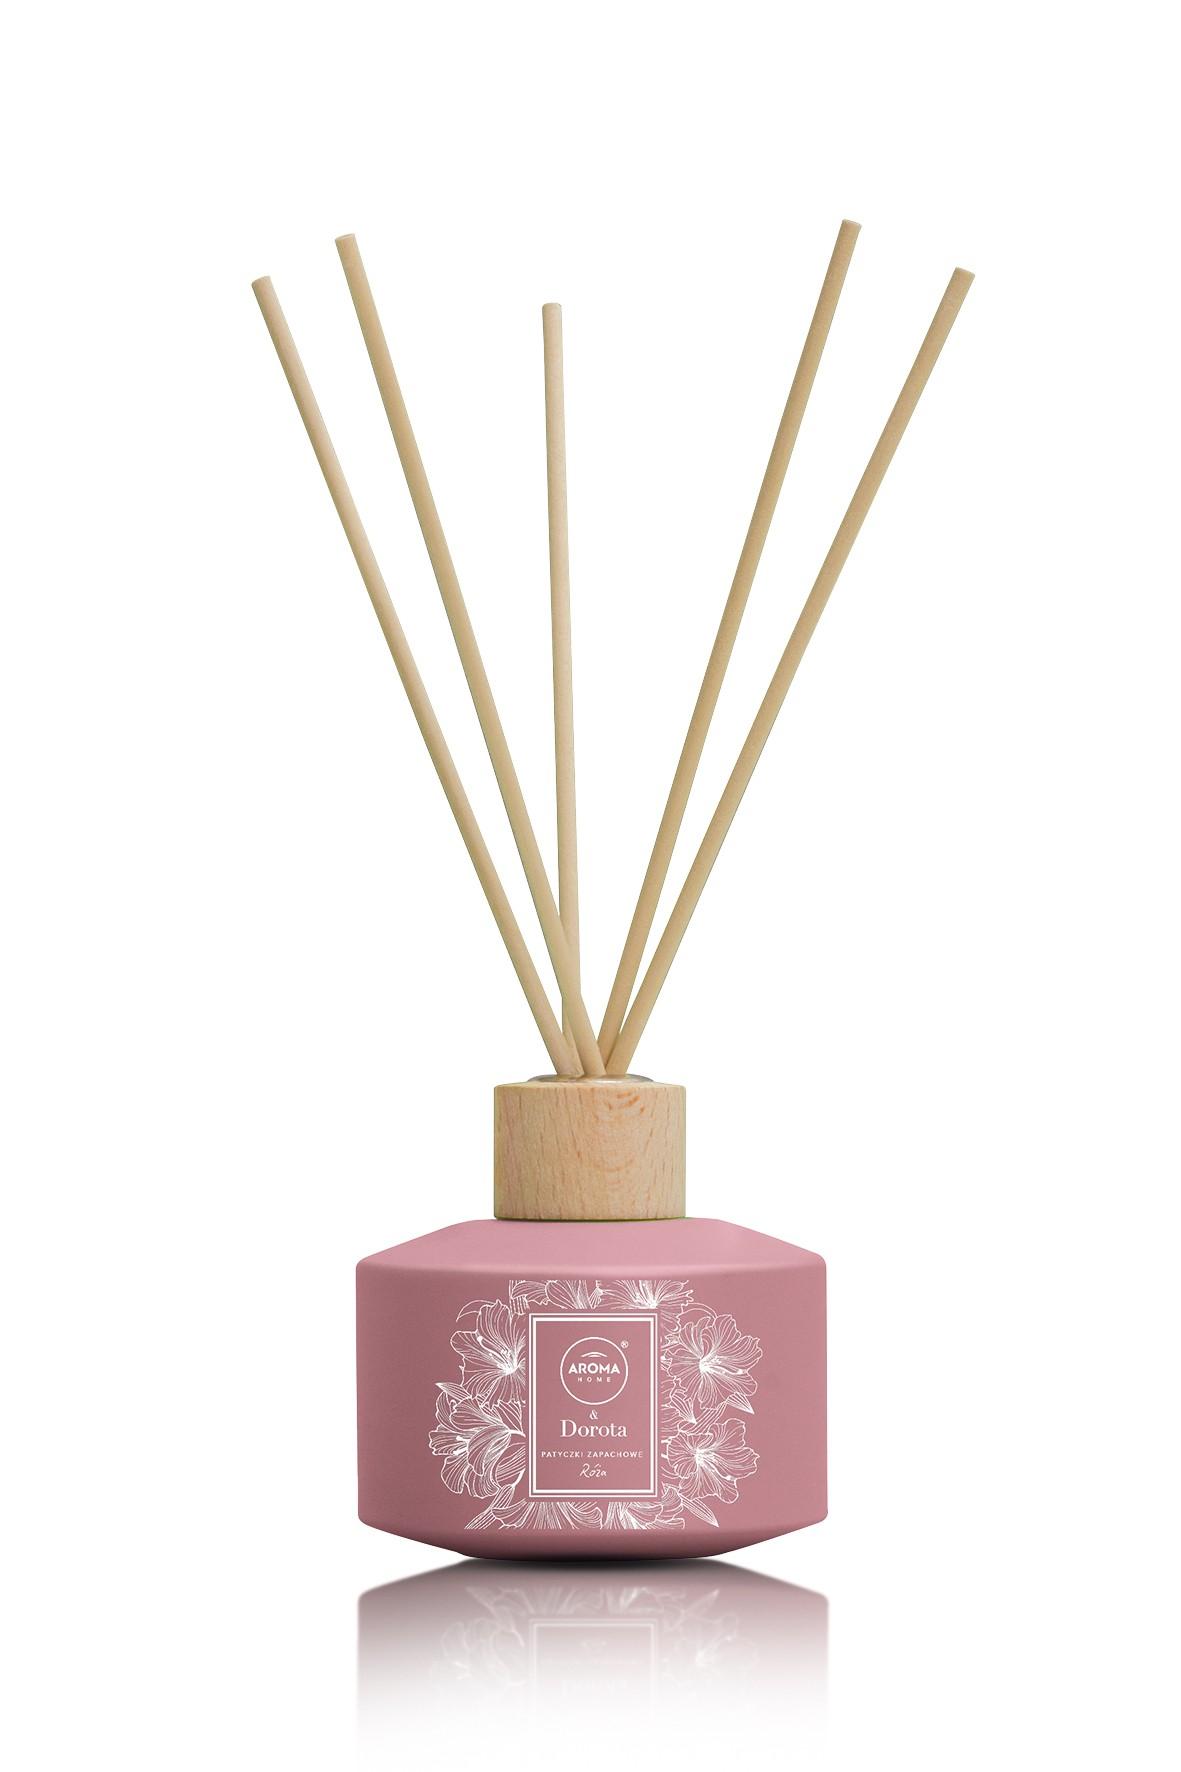 Aroma Home & Dorota Patyczki zapachowe Róża 100ml